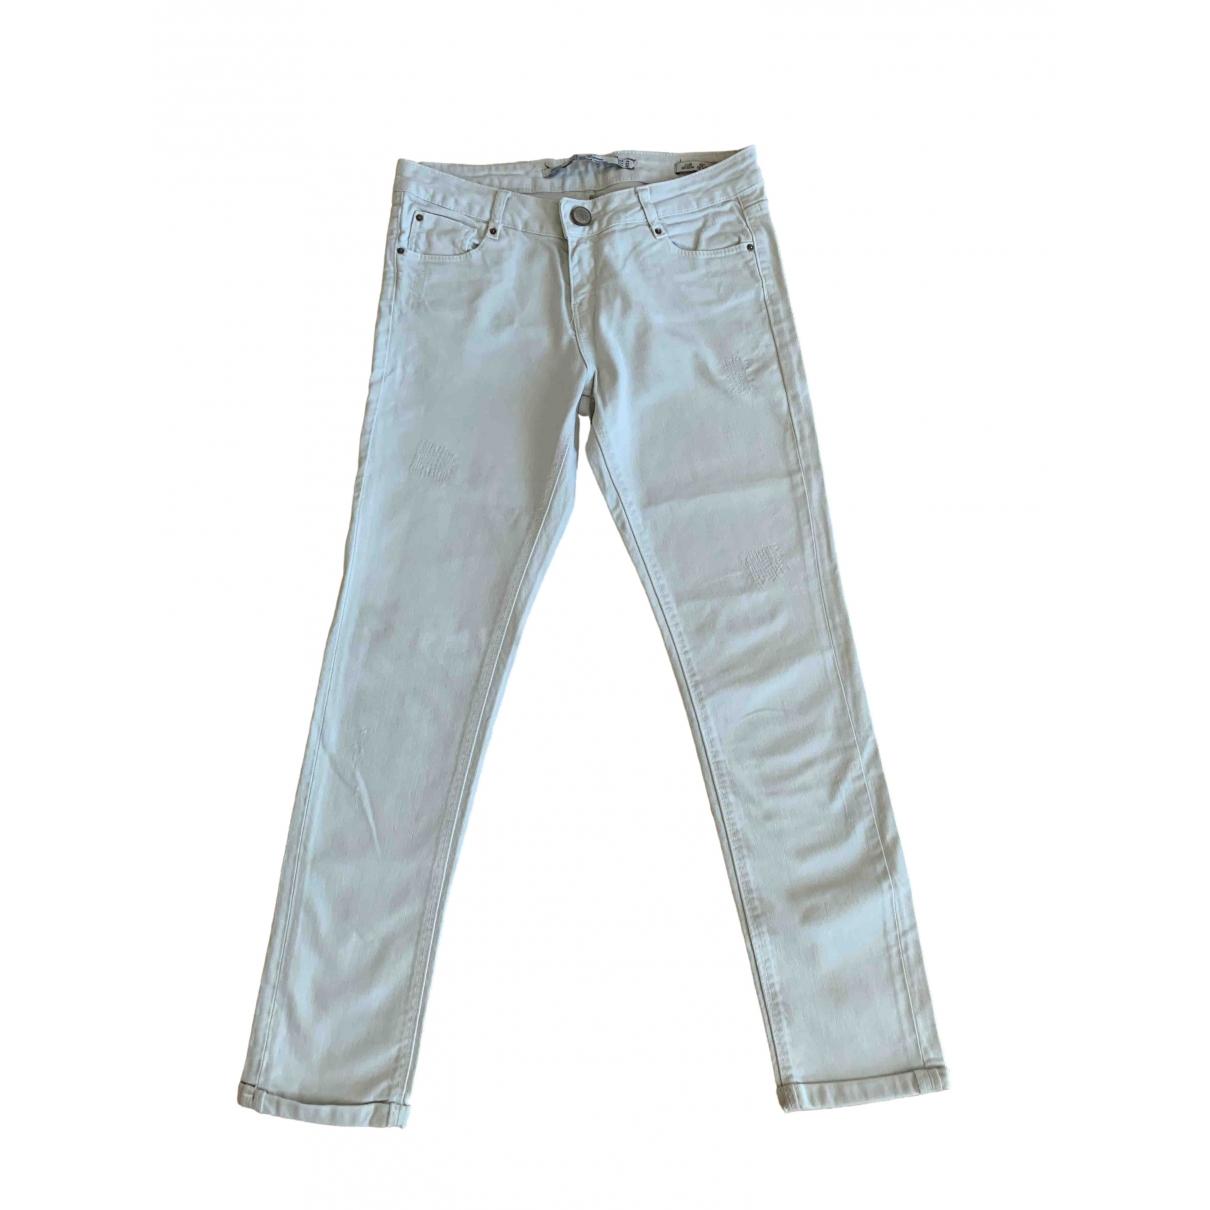 Zara \N White Denim - Jeans Jeans for Women 26 US